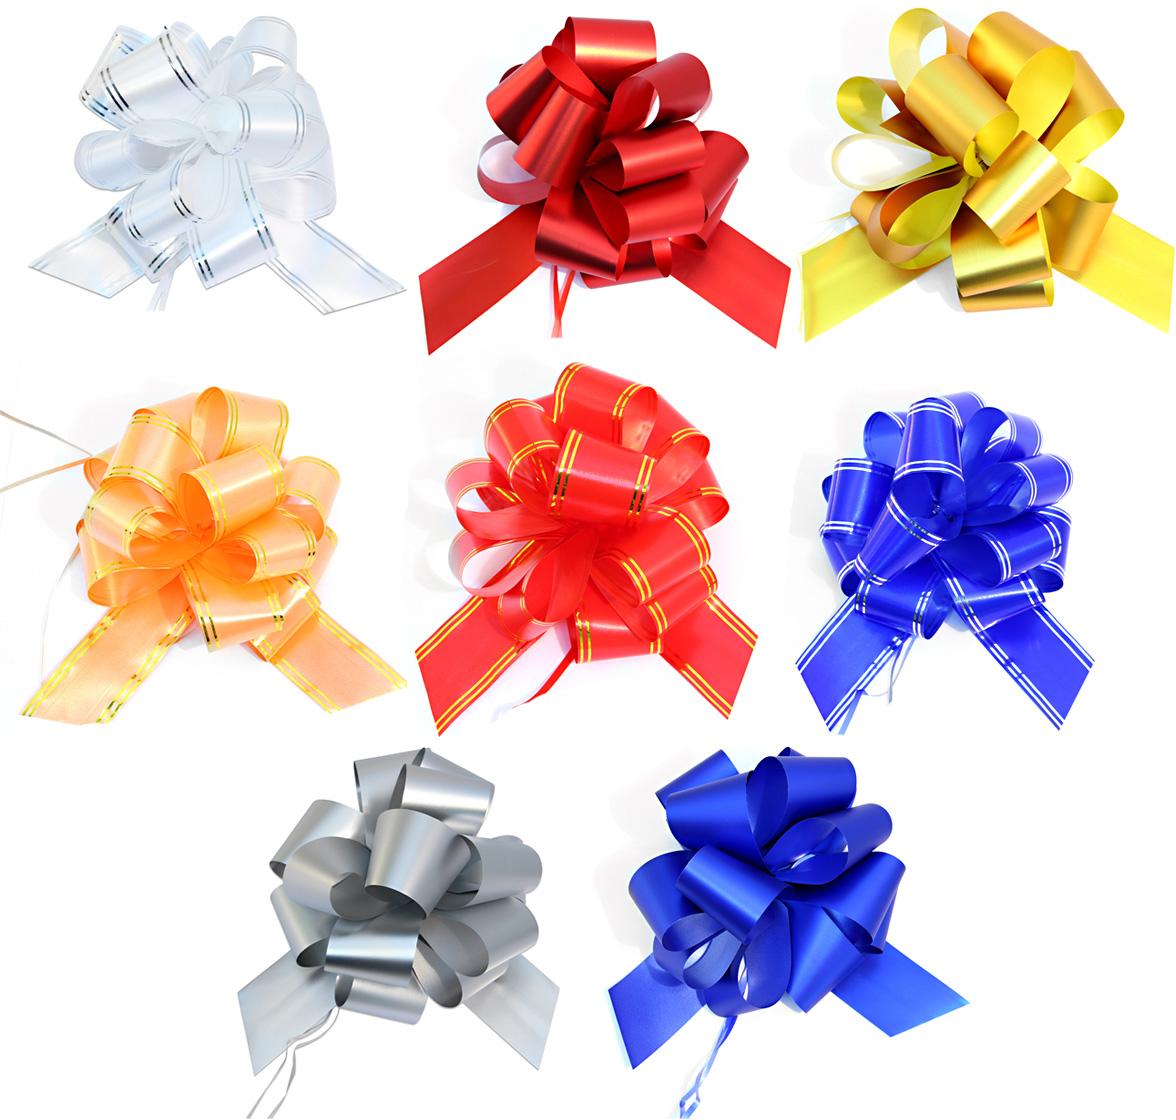 Бант упаковочный Veld-Co Шар, цвет: мультиколор, 5 х 148 см, 10 шт коробка подарочная veld co giftbox трансформер солнечное настроение цвет оранжевый 10 3 х 10 3 х 9 8 см